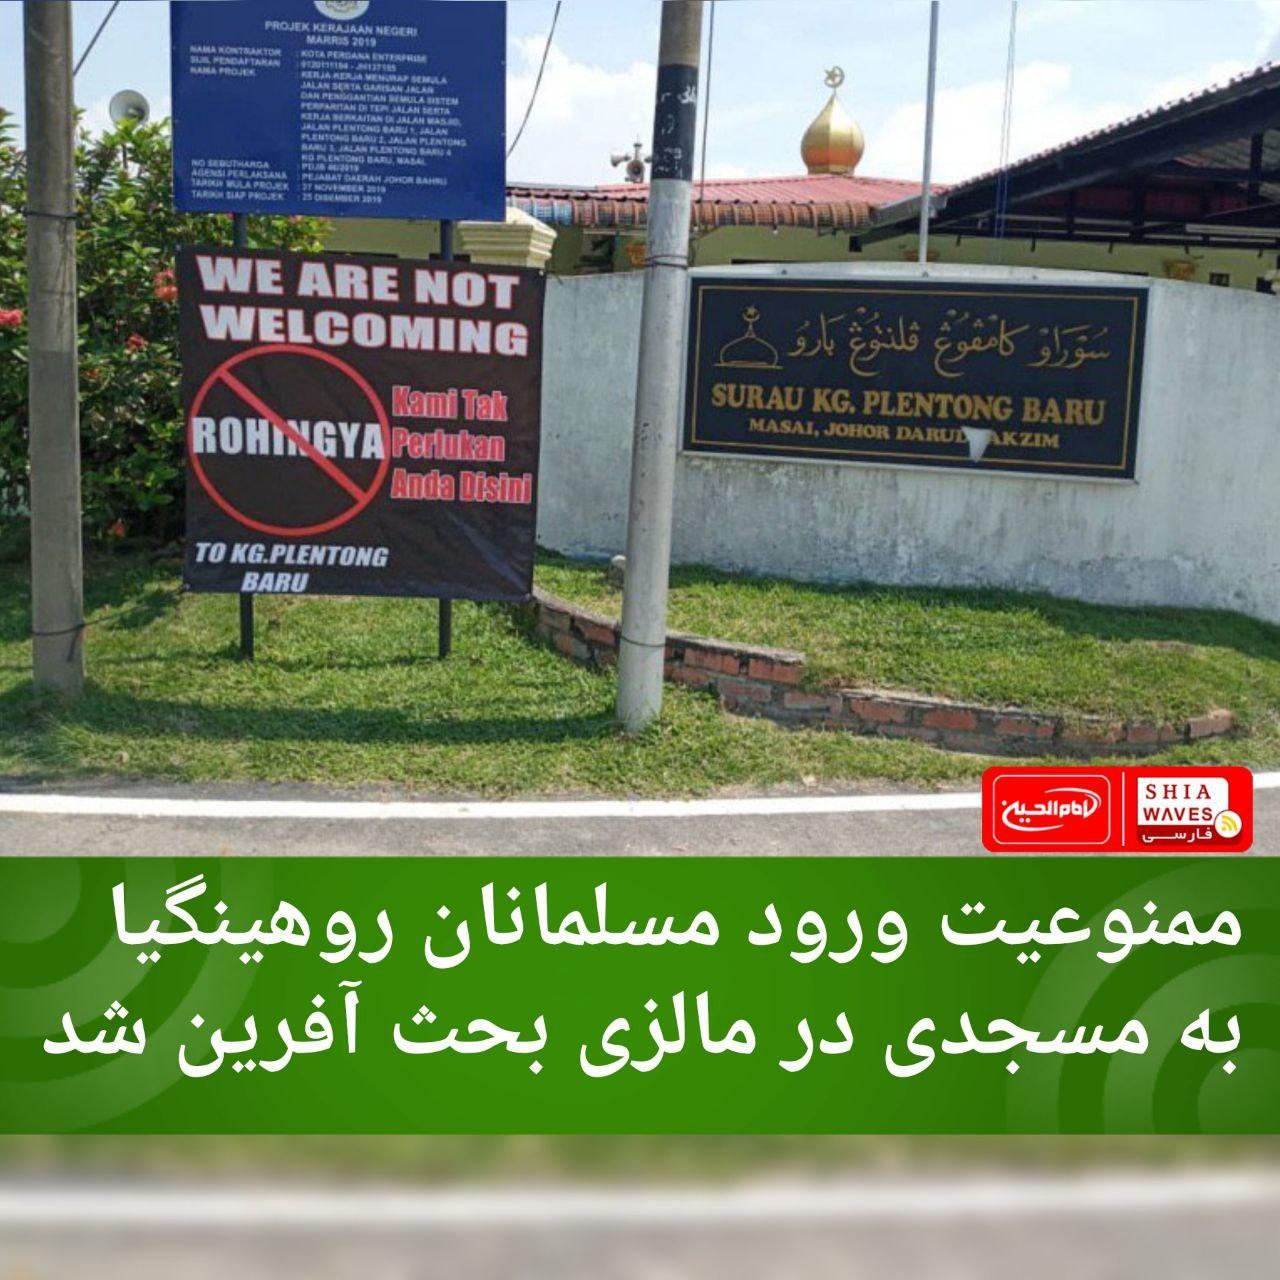 تصویر ممنوعیت ورود مسلمانان روهینگیا به مسجدی در مالزی بحث آفرین شد